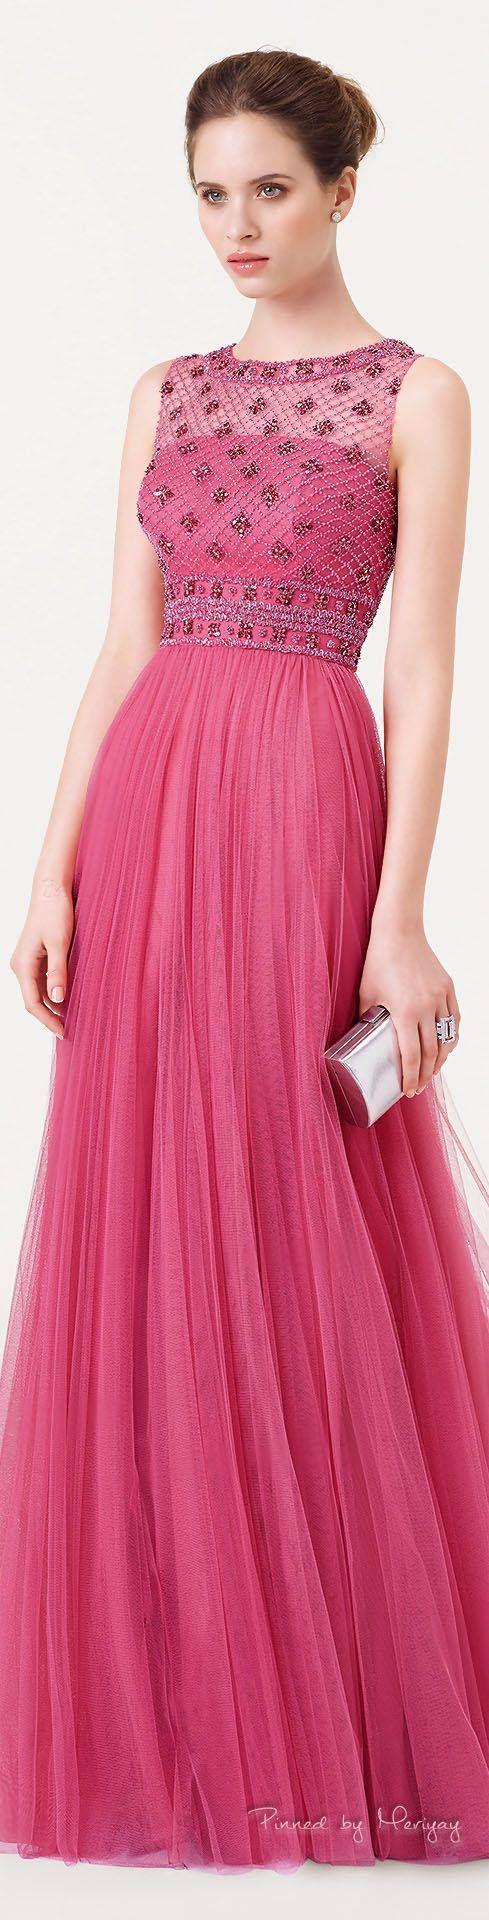 Mejores 79 imágenes de vestidos de fiesta en Pinterest | Trajes de ...